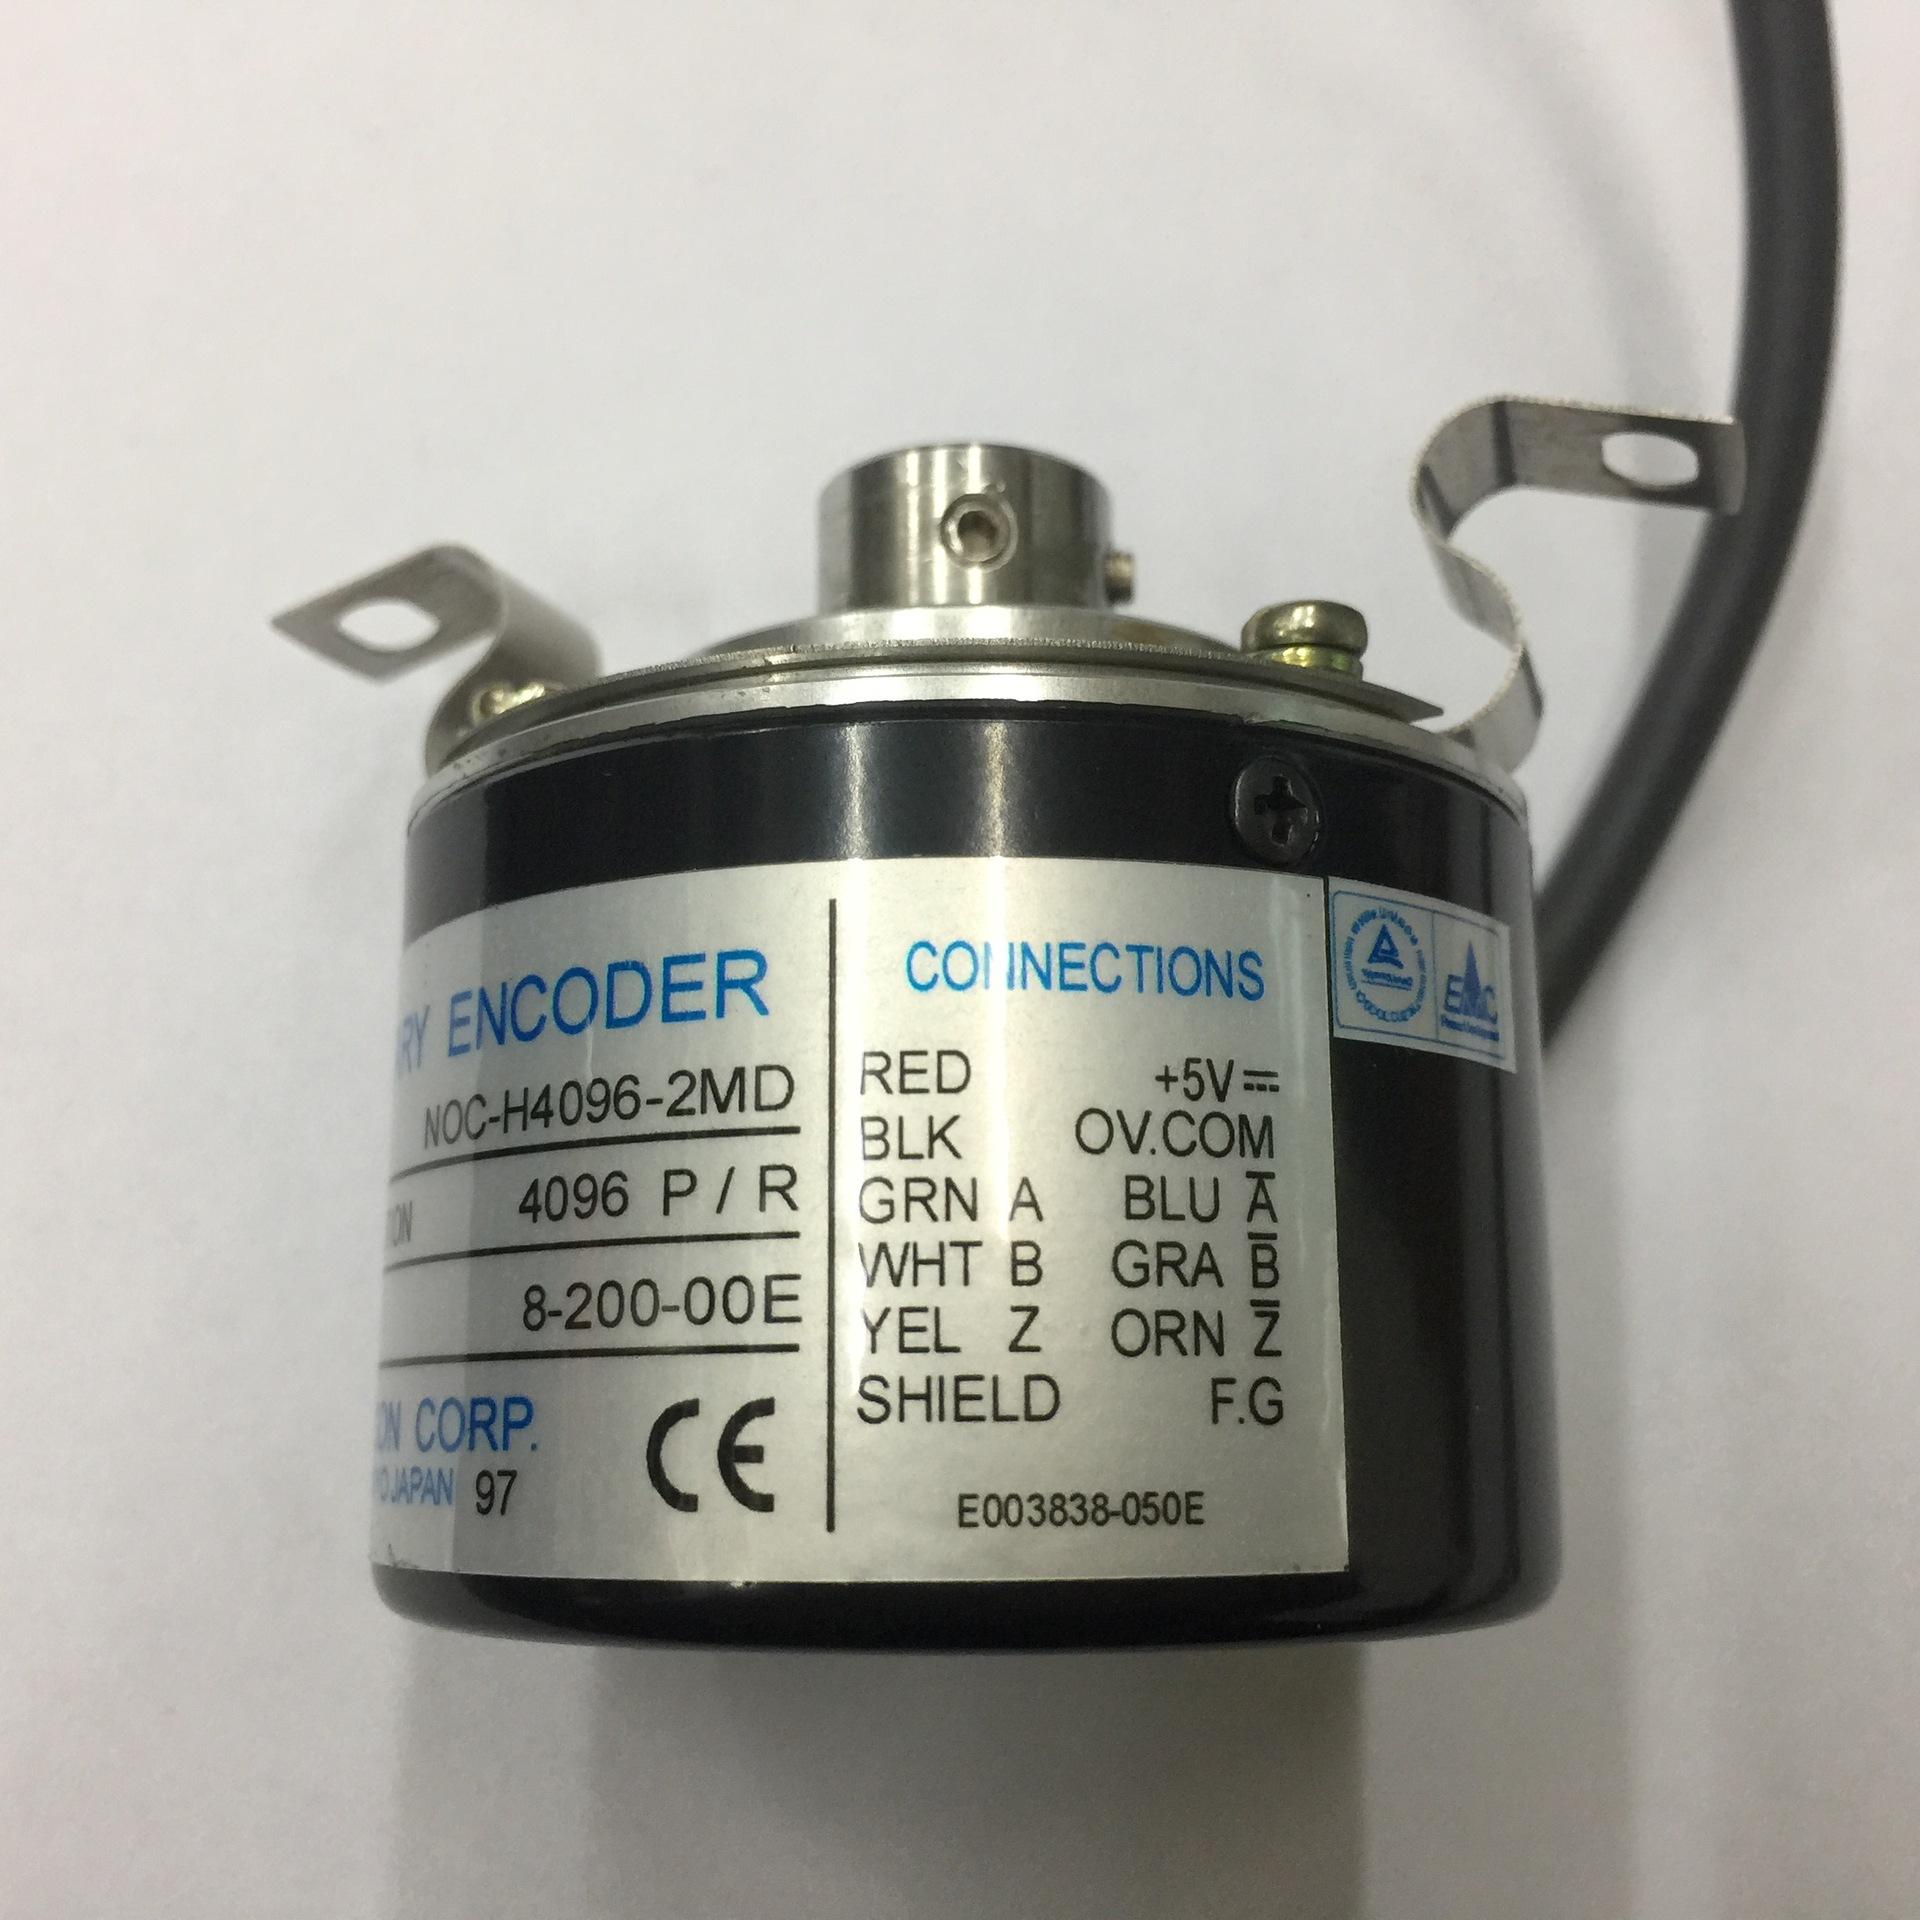 NEMICON Thiết bị mã hoá Bộ mã hóa NEMICON kiểm soát nội bộ chính hãng NOC-H4096-2MD 4096P / R Nhật B